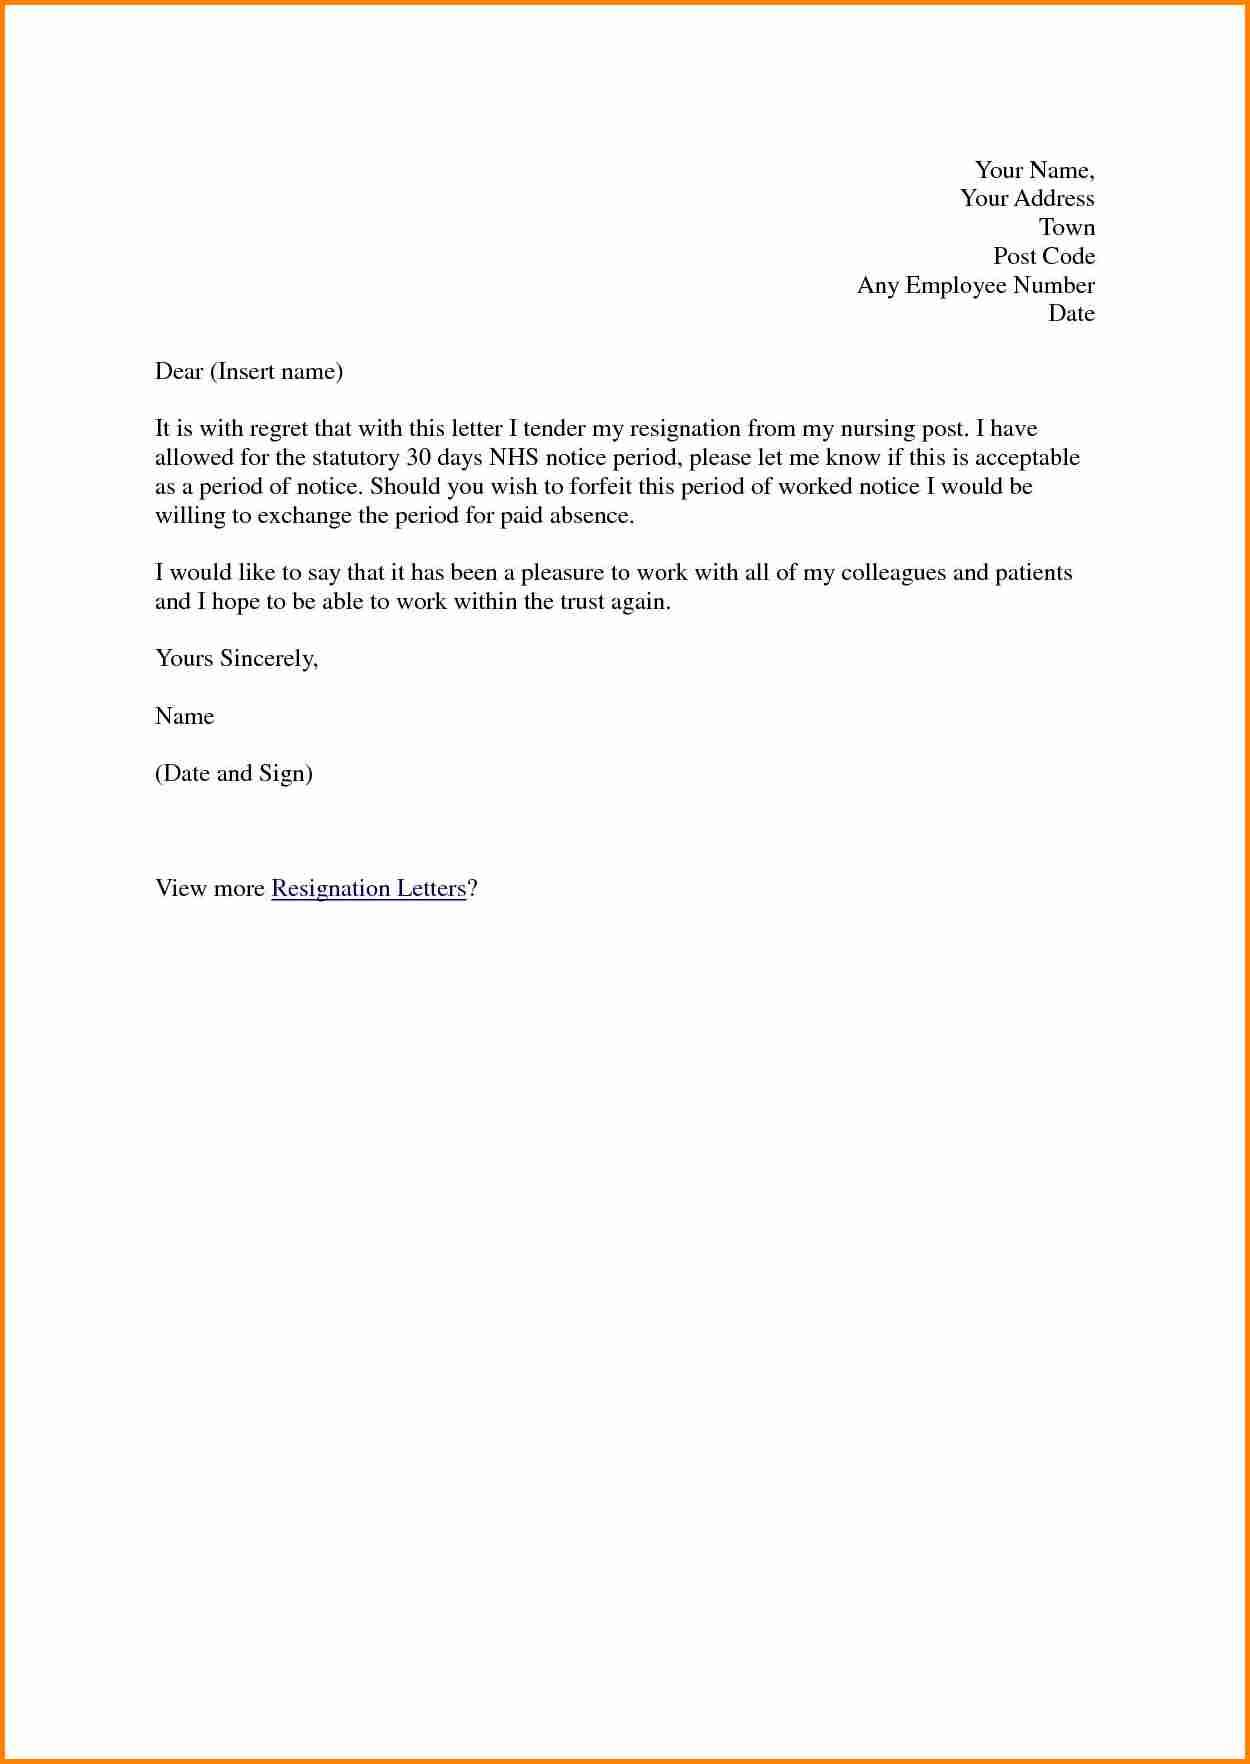 Letter Of Resignation Nursing Template - Resignation Letter Nursing Job Inspirations Example for